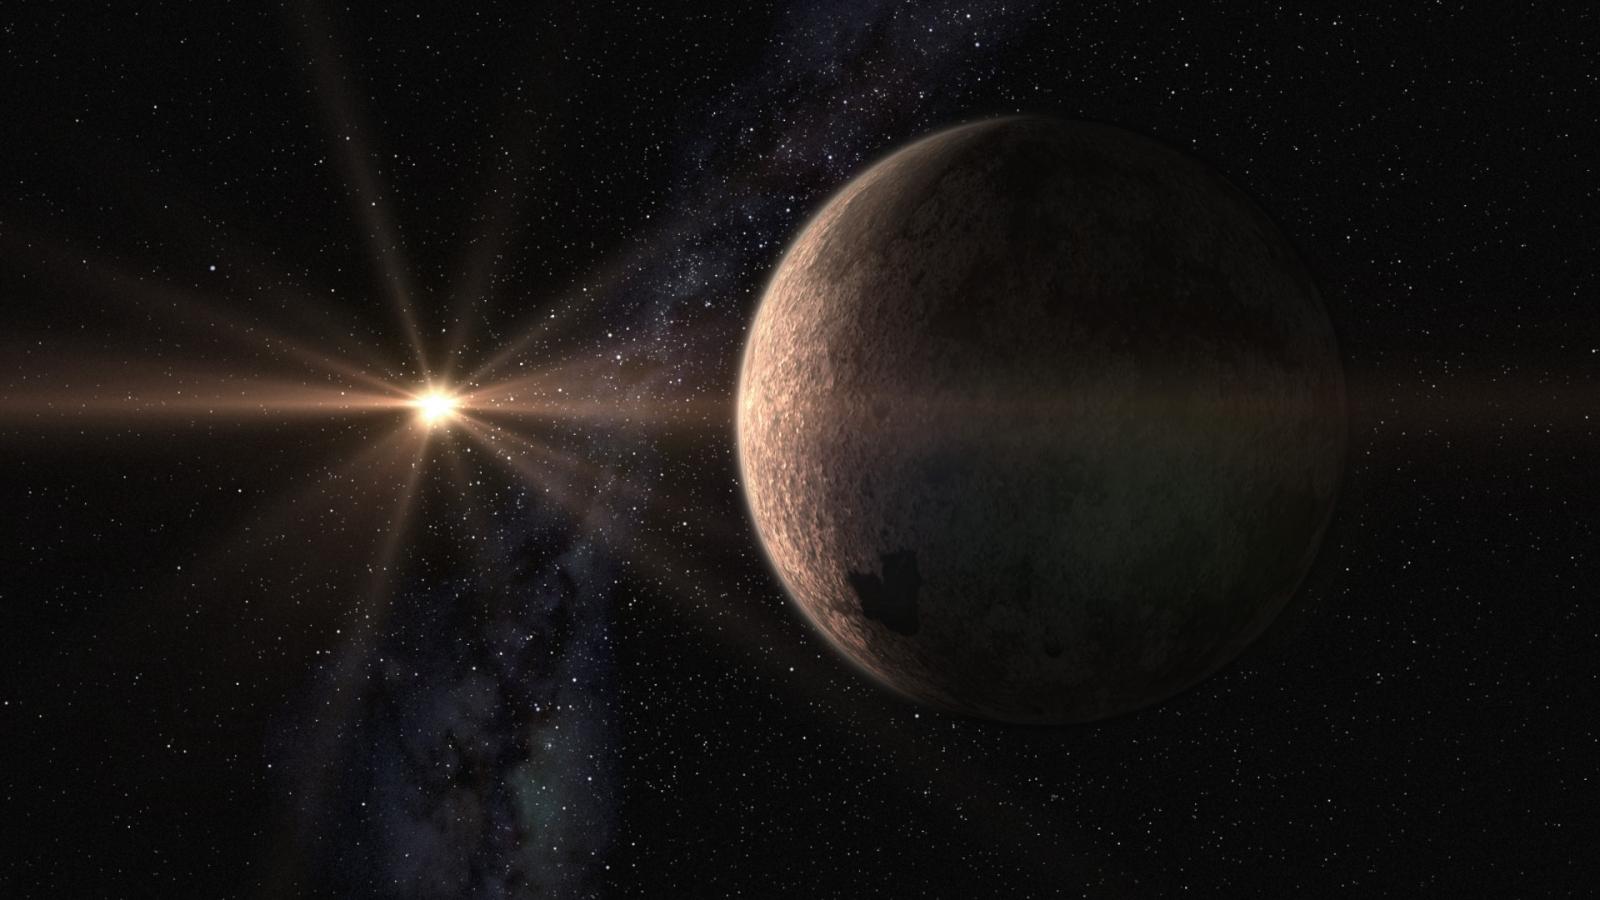 Super Earth orbiting dwarf star